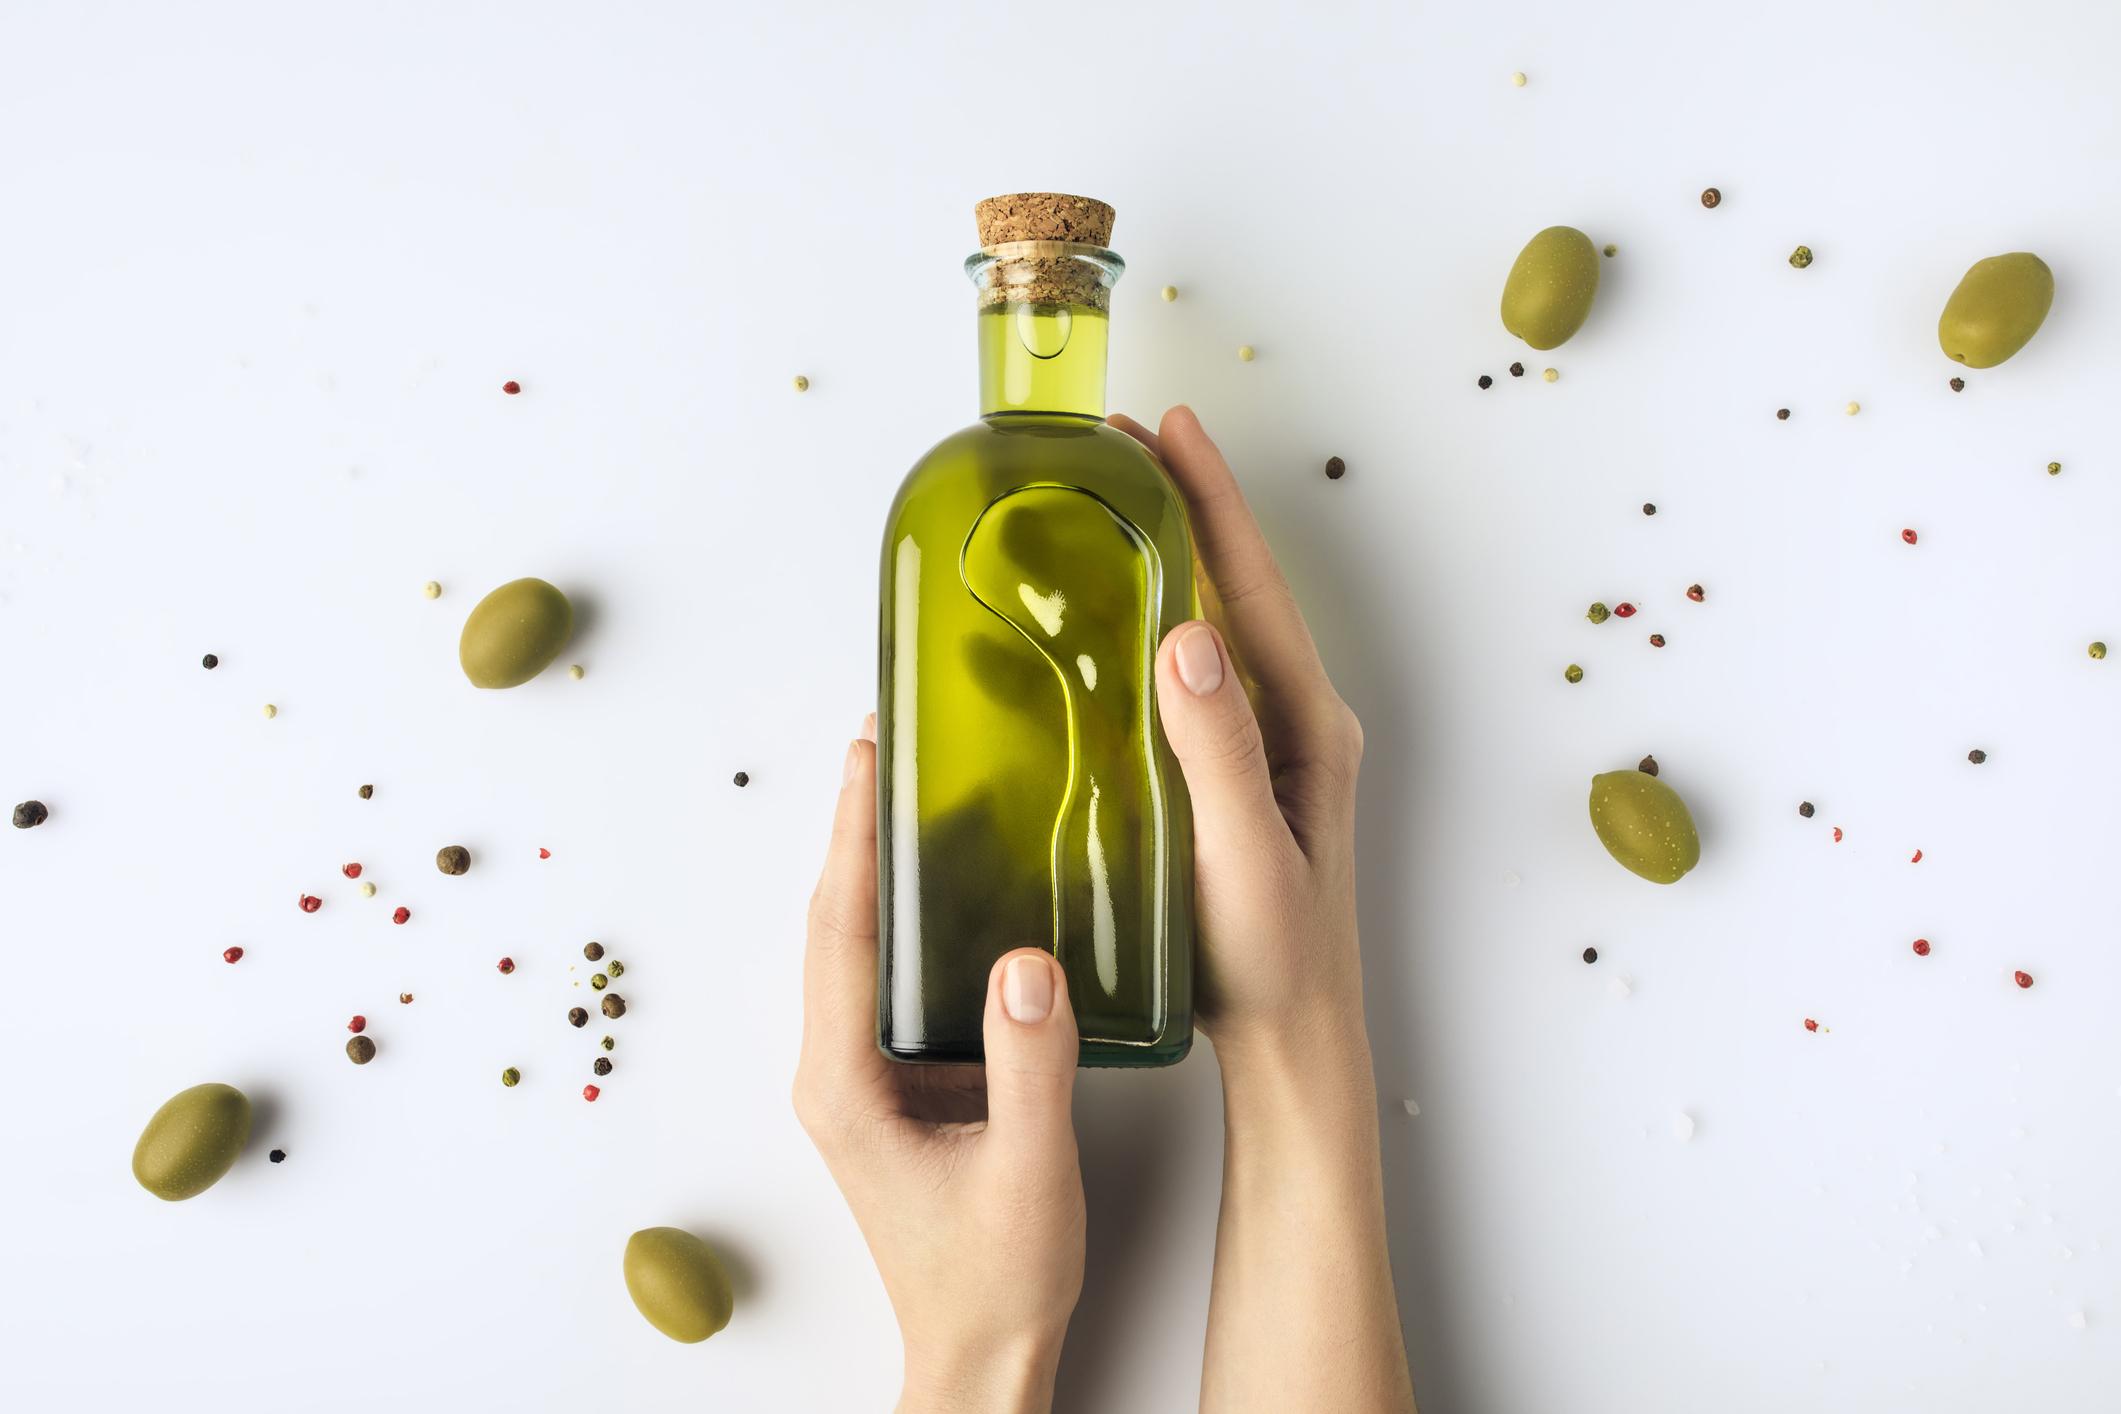 Većina nutricionističkih vrijednosti koje povezujemo s maslinovim uljem, poput omega-3 masnih kiselina, uništava se tijekom procesa zagrijavanja.